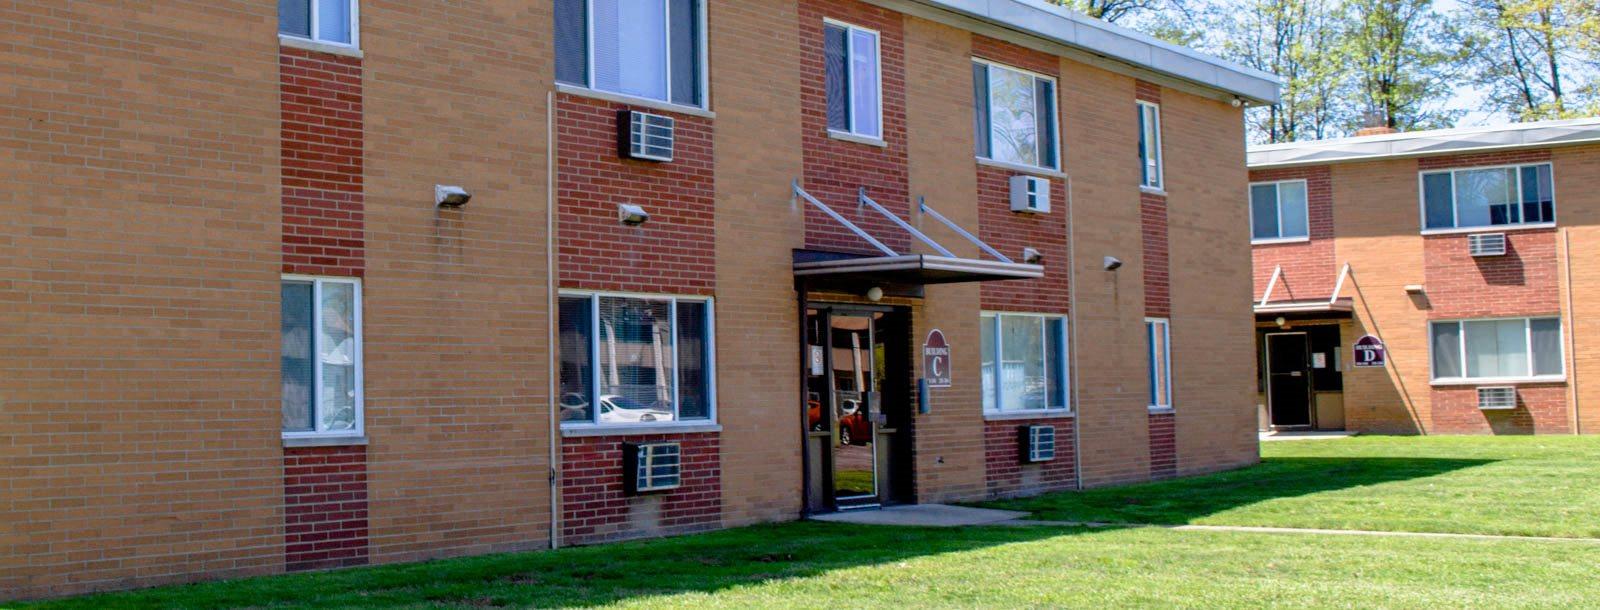 Maple Eastlake Apartments homepagegallery 4